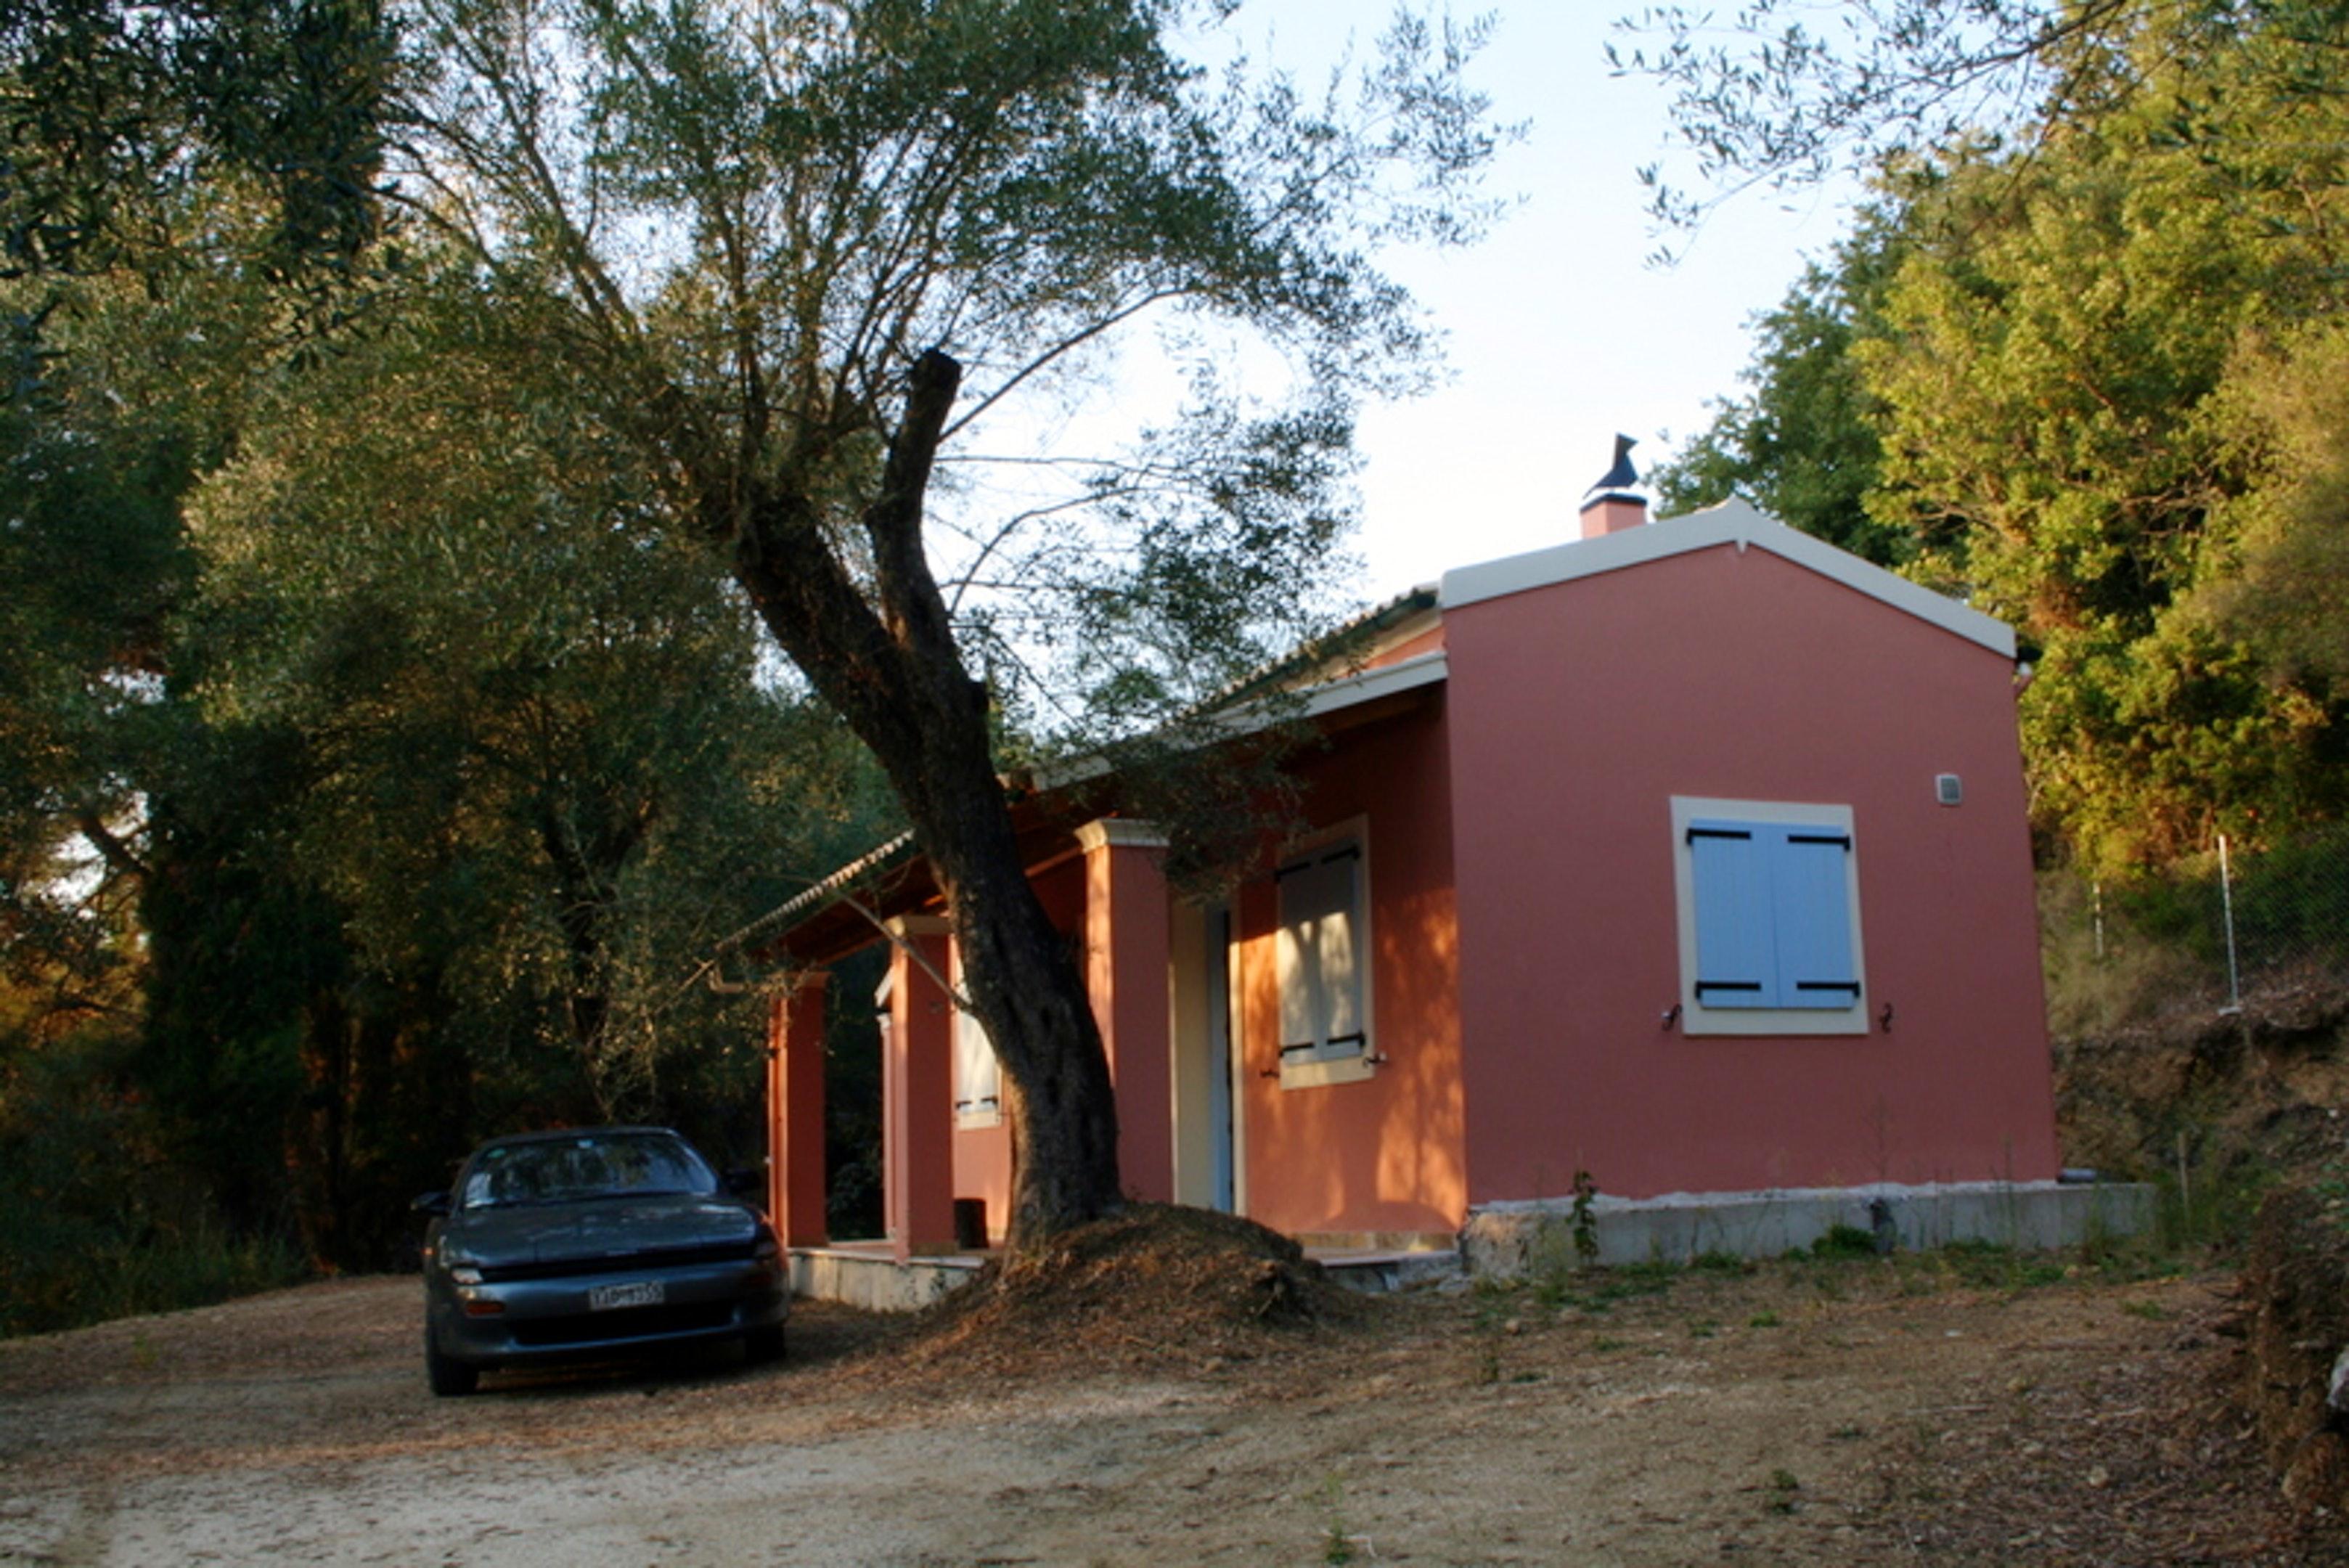 Maison de vacances Haus mit 2 Schlafzimmern in Corfou mit toller Aussicht auf die Berge (2202447), Moraitika, Corfou, Iles Ioniennes, Grèce, image 14